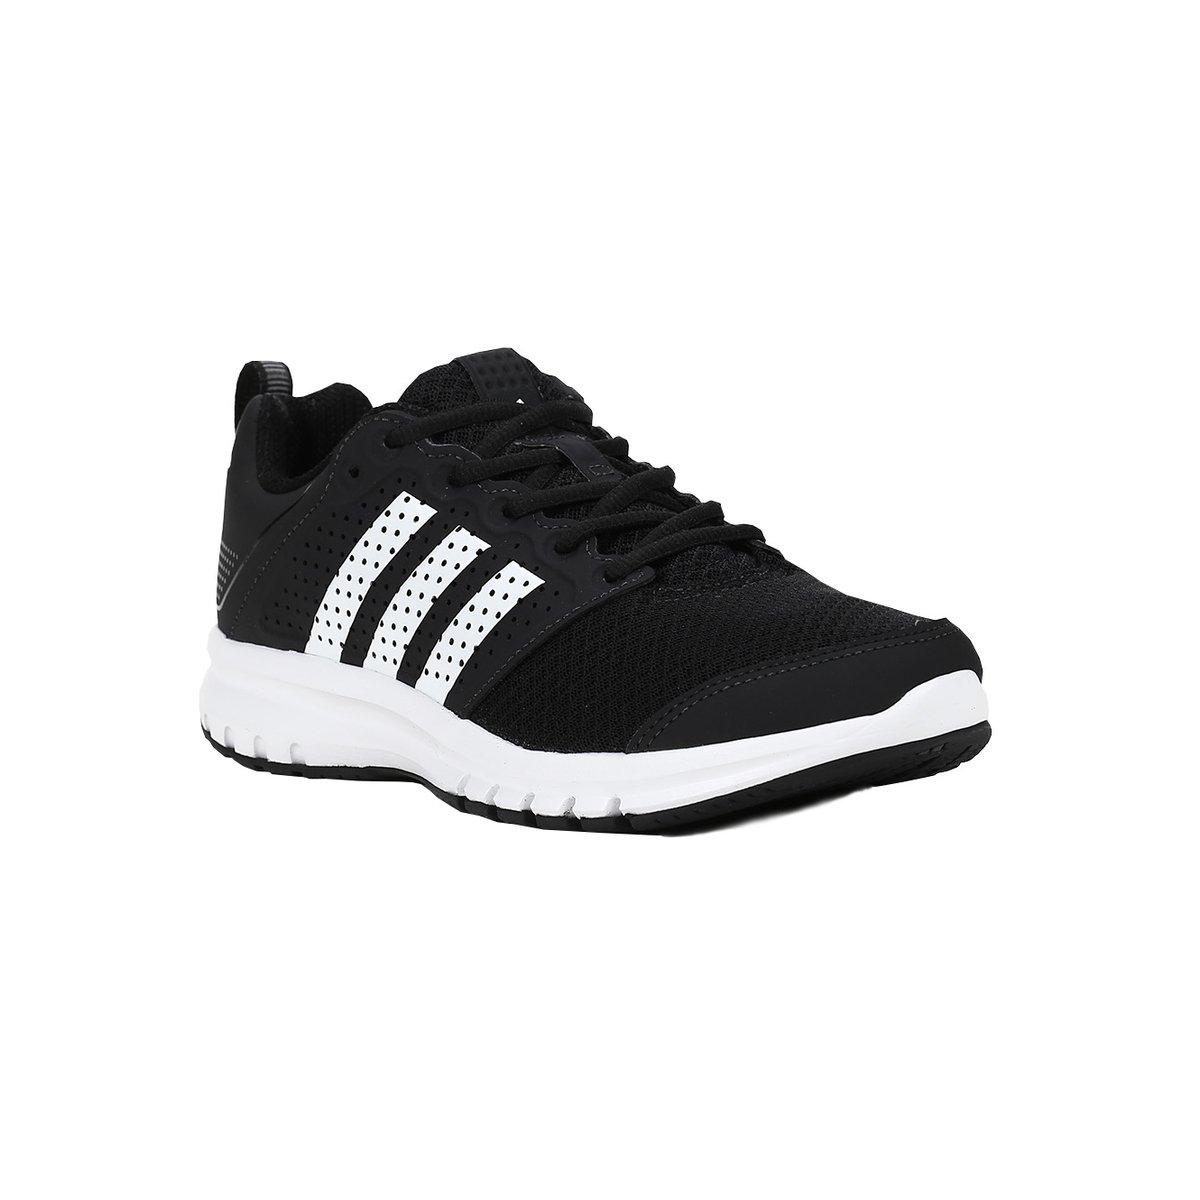 46b8ffe478c Tênis Esportivo Adidas Madoru - Compre Agora